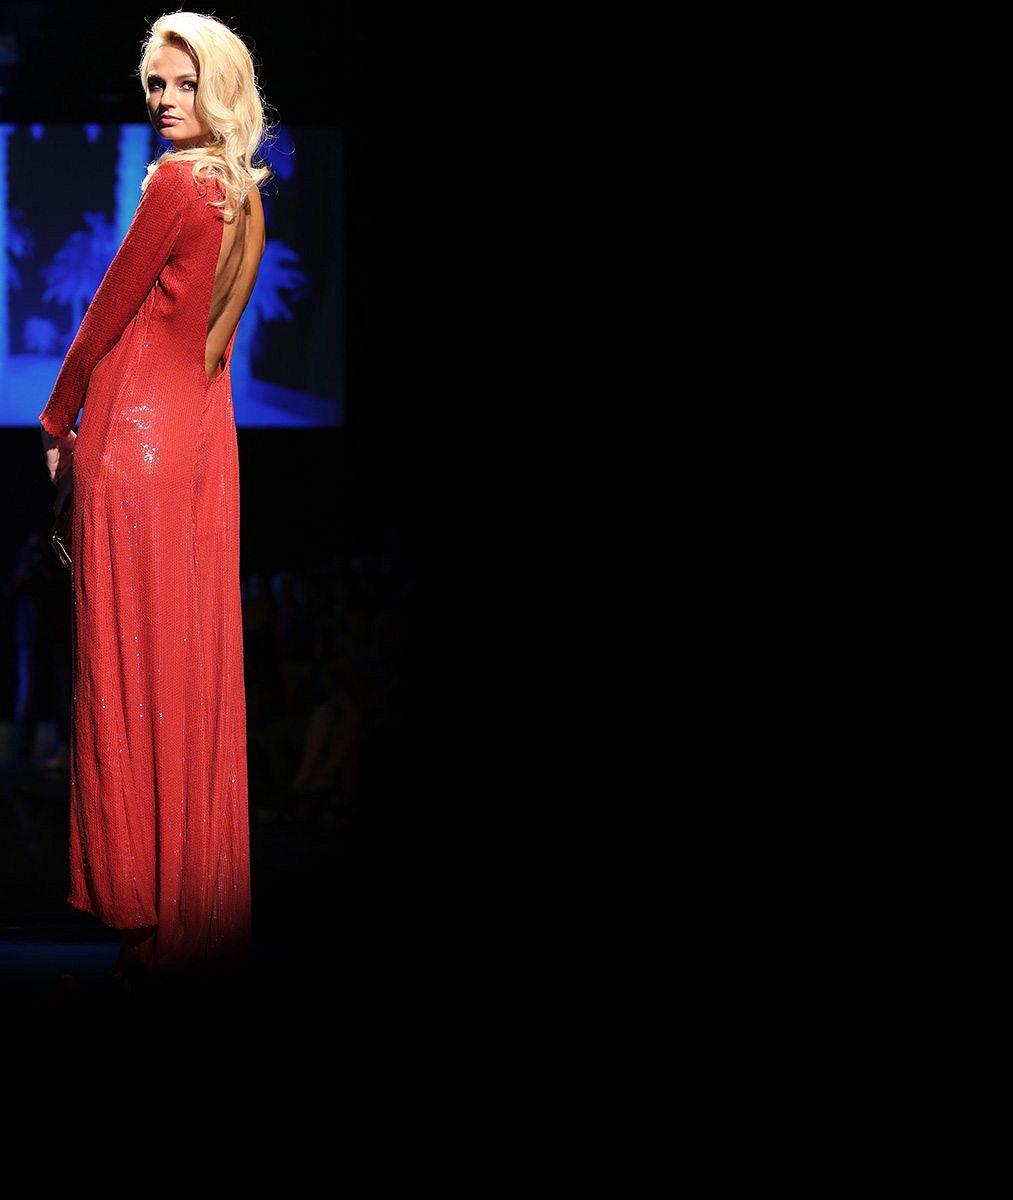 Od plínek na velký ples: Někdejší nejkrásnější žena planety se těší, že ze sebe udělá dámu